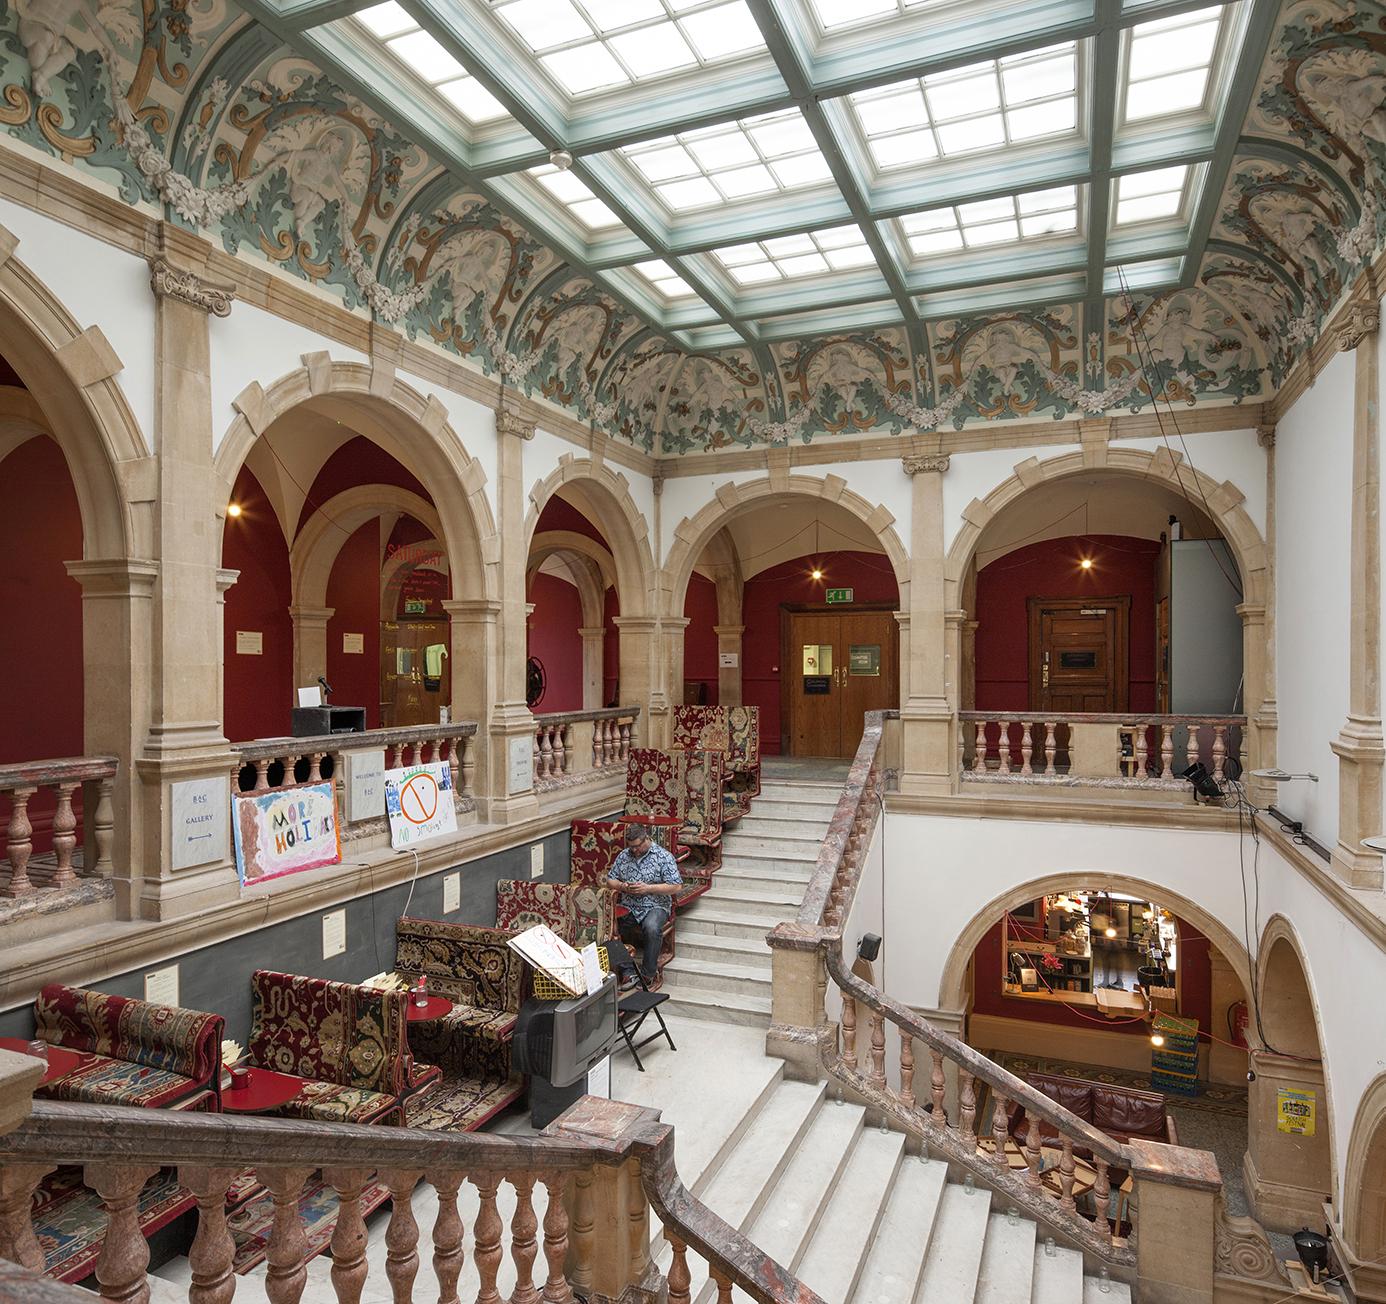 Battersea Arts Centre, Marble Stairs| ©Morley Von Sternberg/Courtesy of Battersea Arts Centre